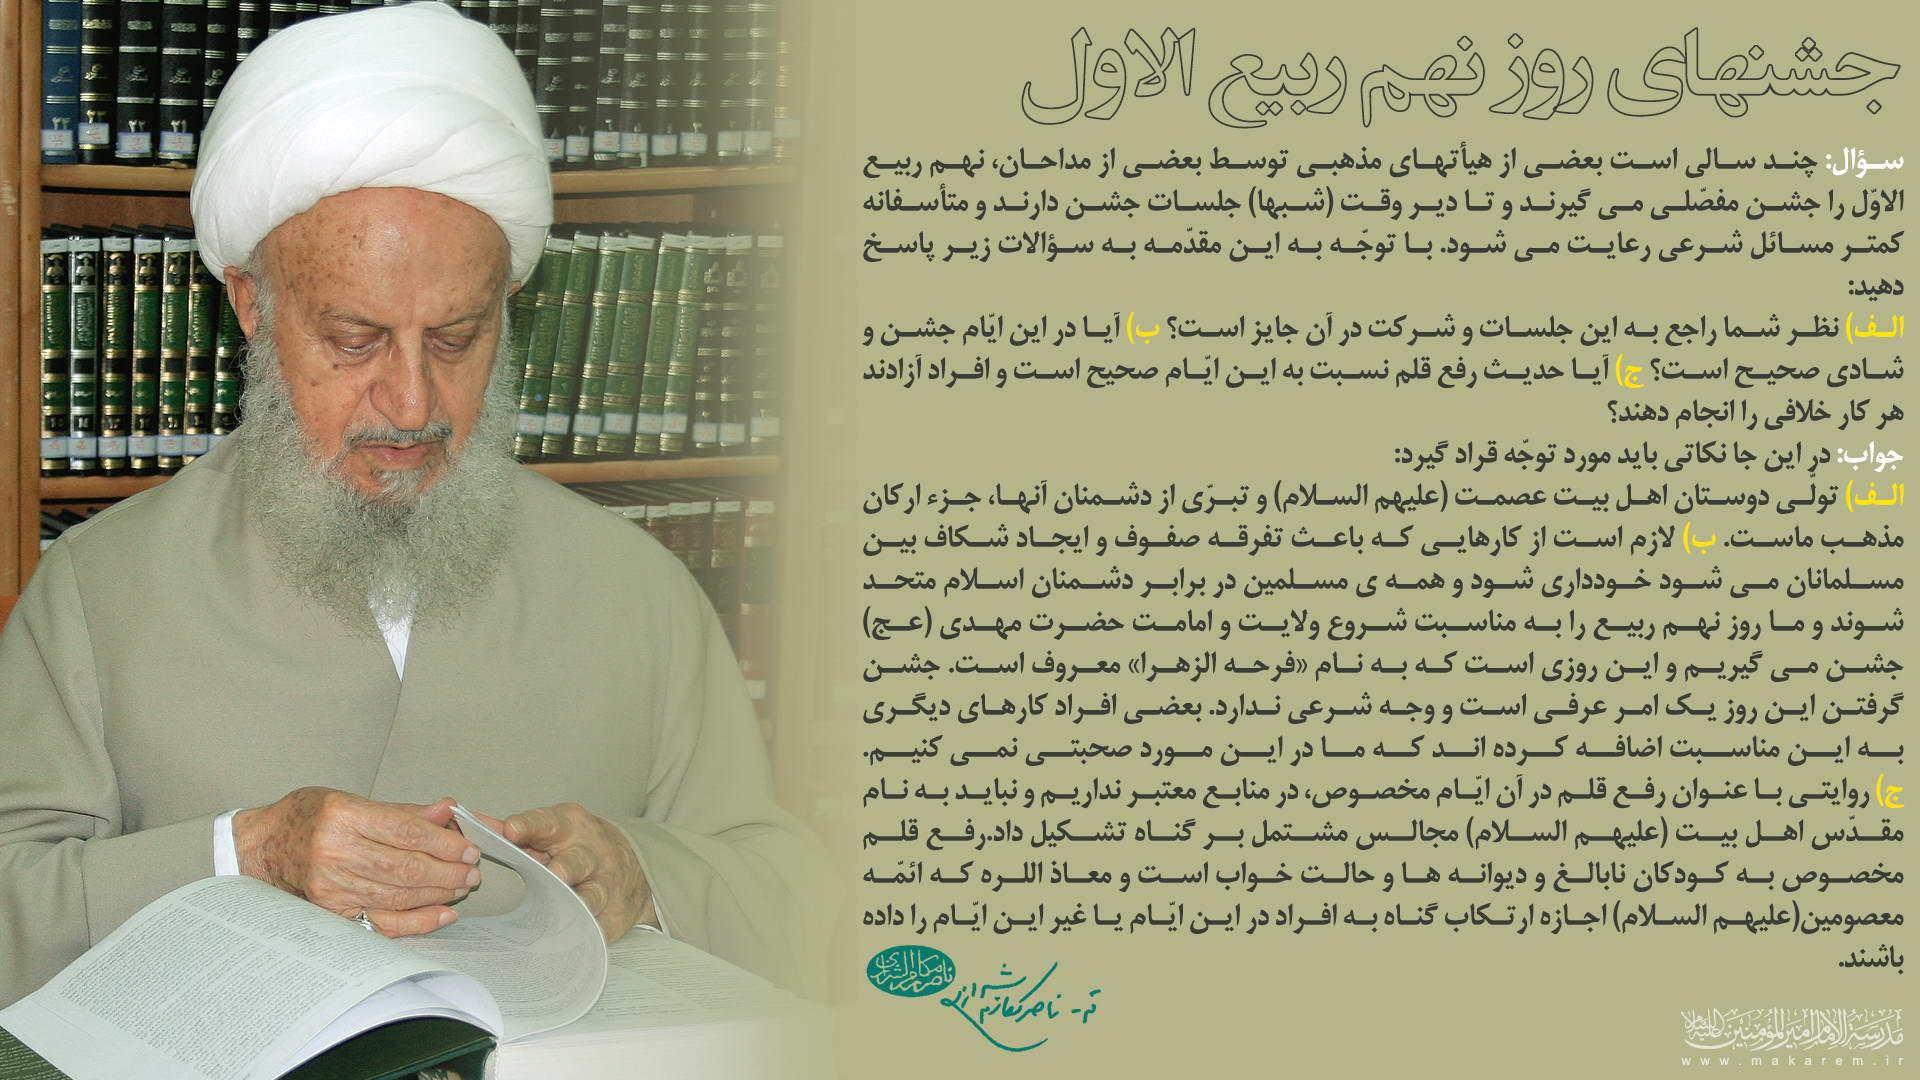 9 ربیع 02-مدرسه الامام امیر المومنین (ع)